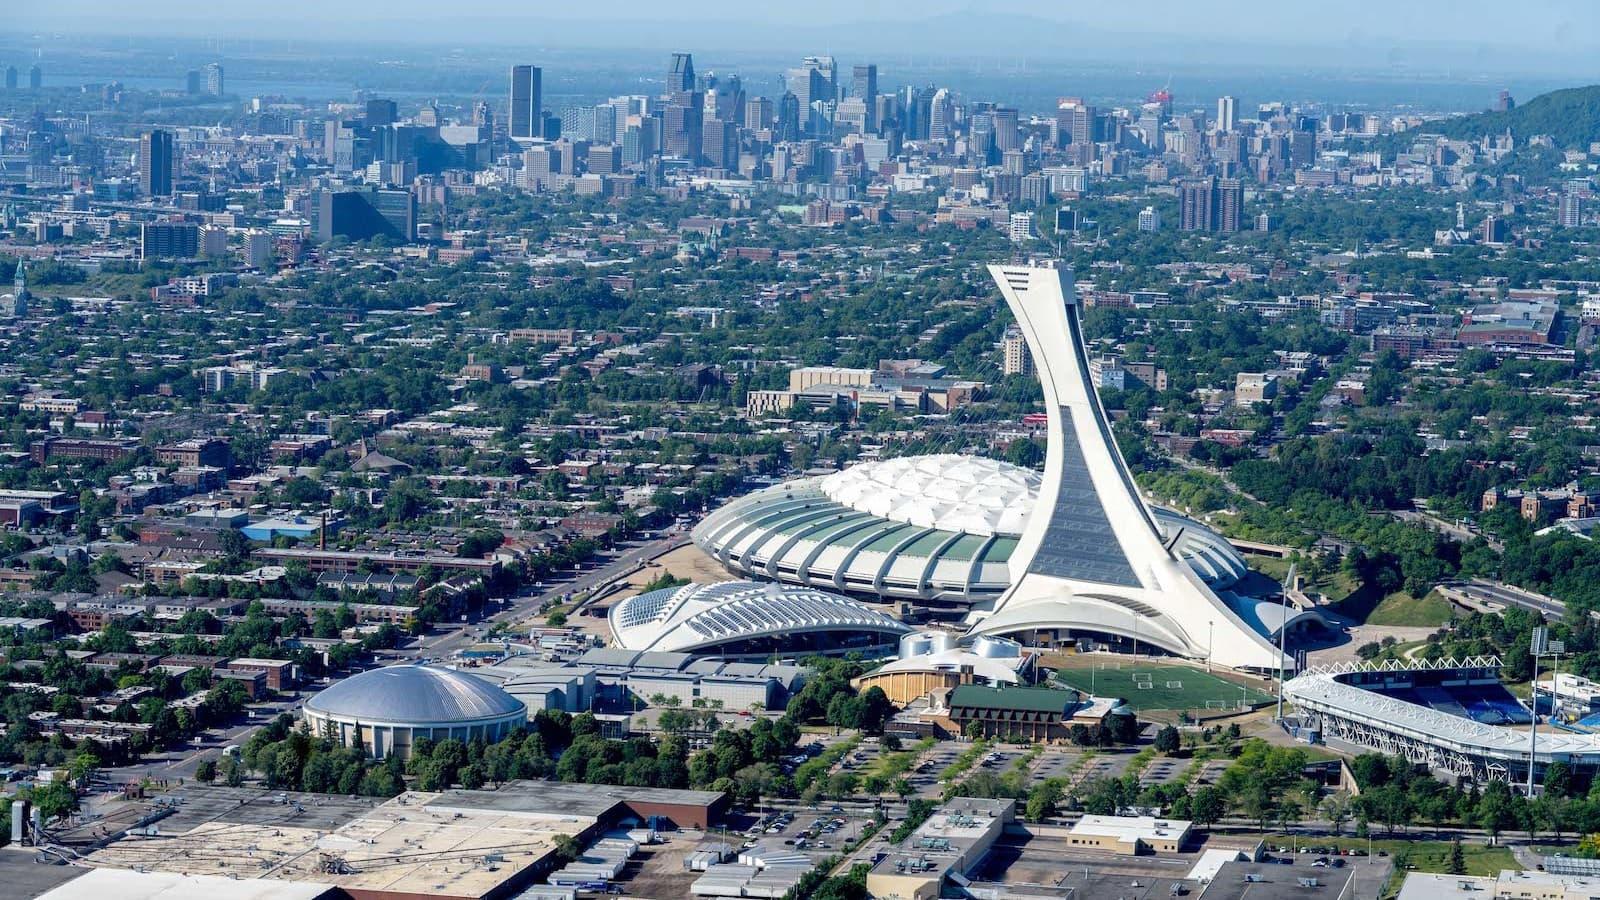 Vue sur le Parc olympique de Montréal